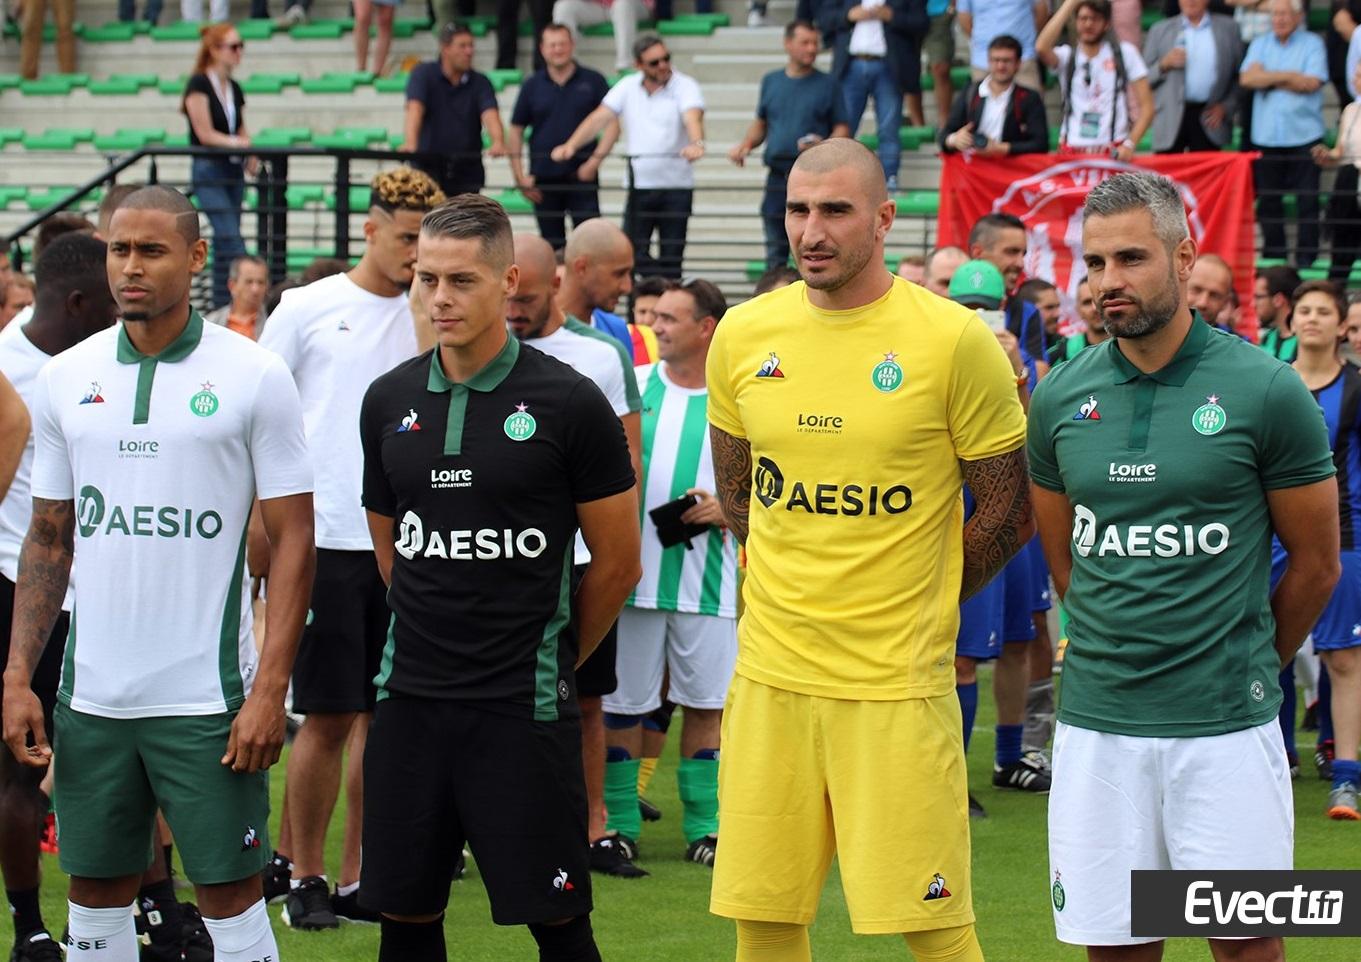 ASSE 2019 nouveaux maillots de football 2018 2019 Coq Sportif